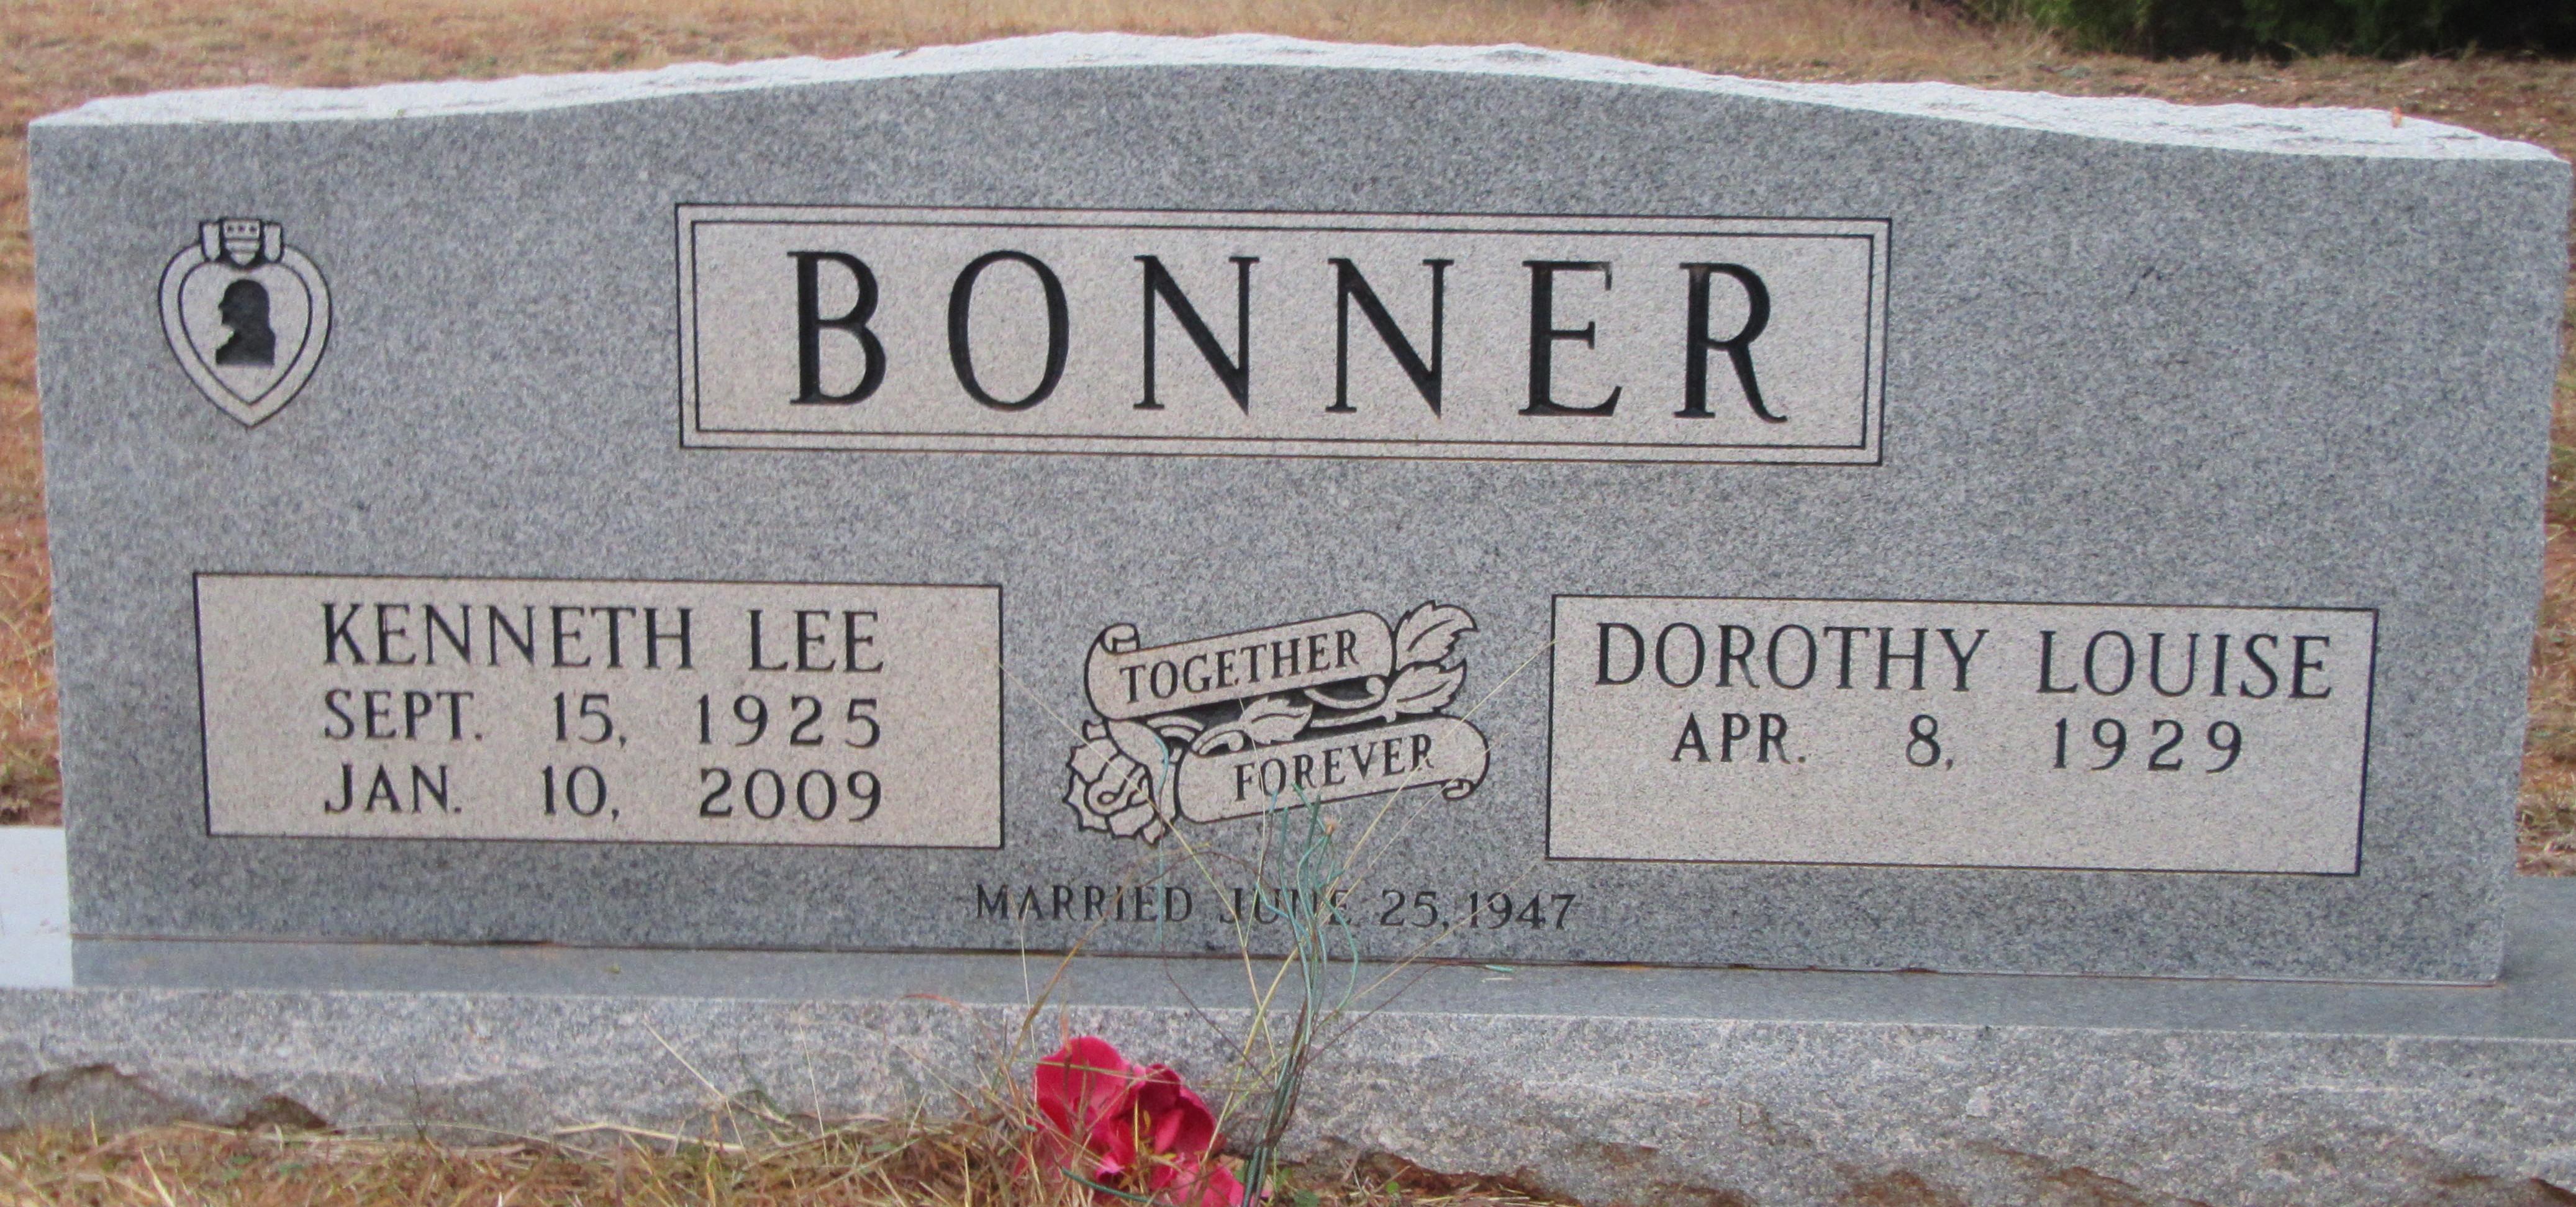 Kenneth Lee Bonner